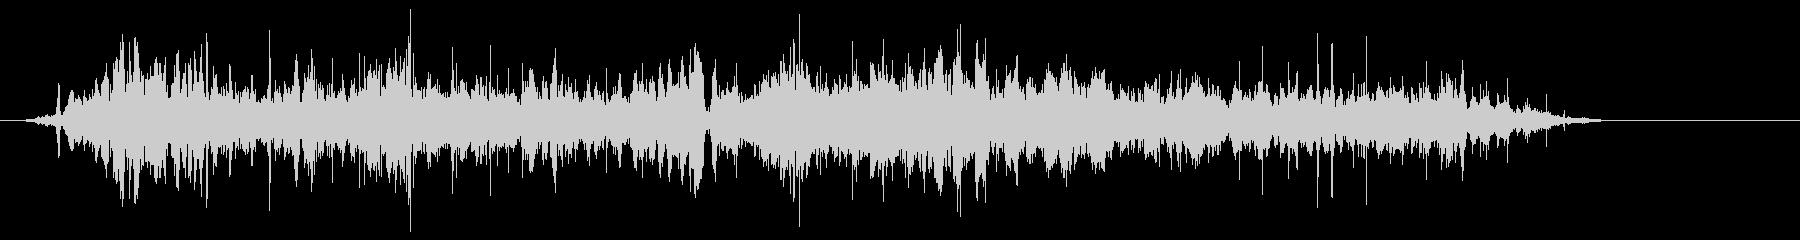 エルロシオカバロスエンリオの未再生の波形